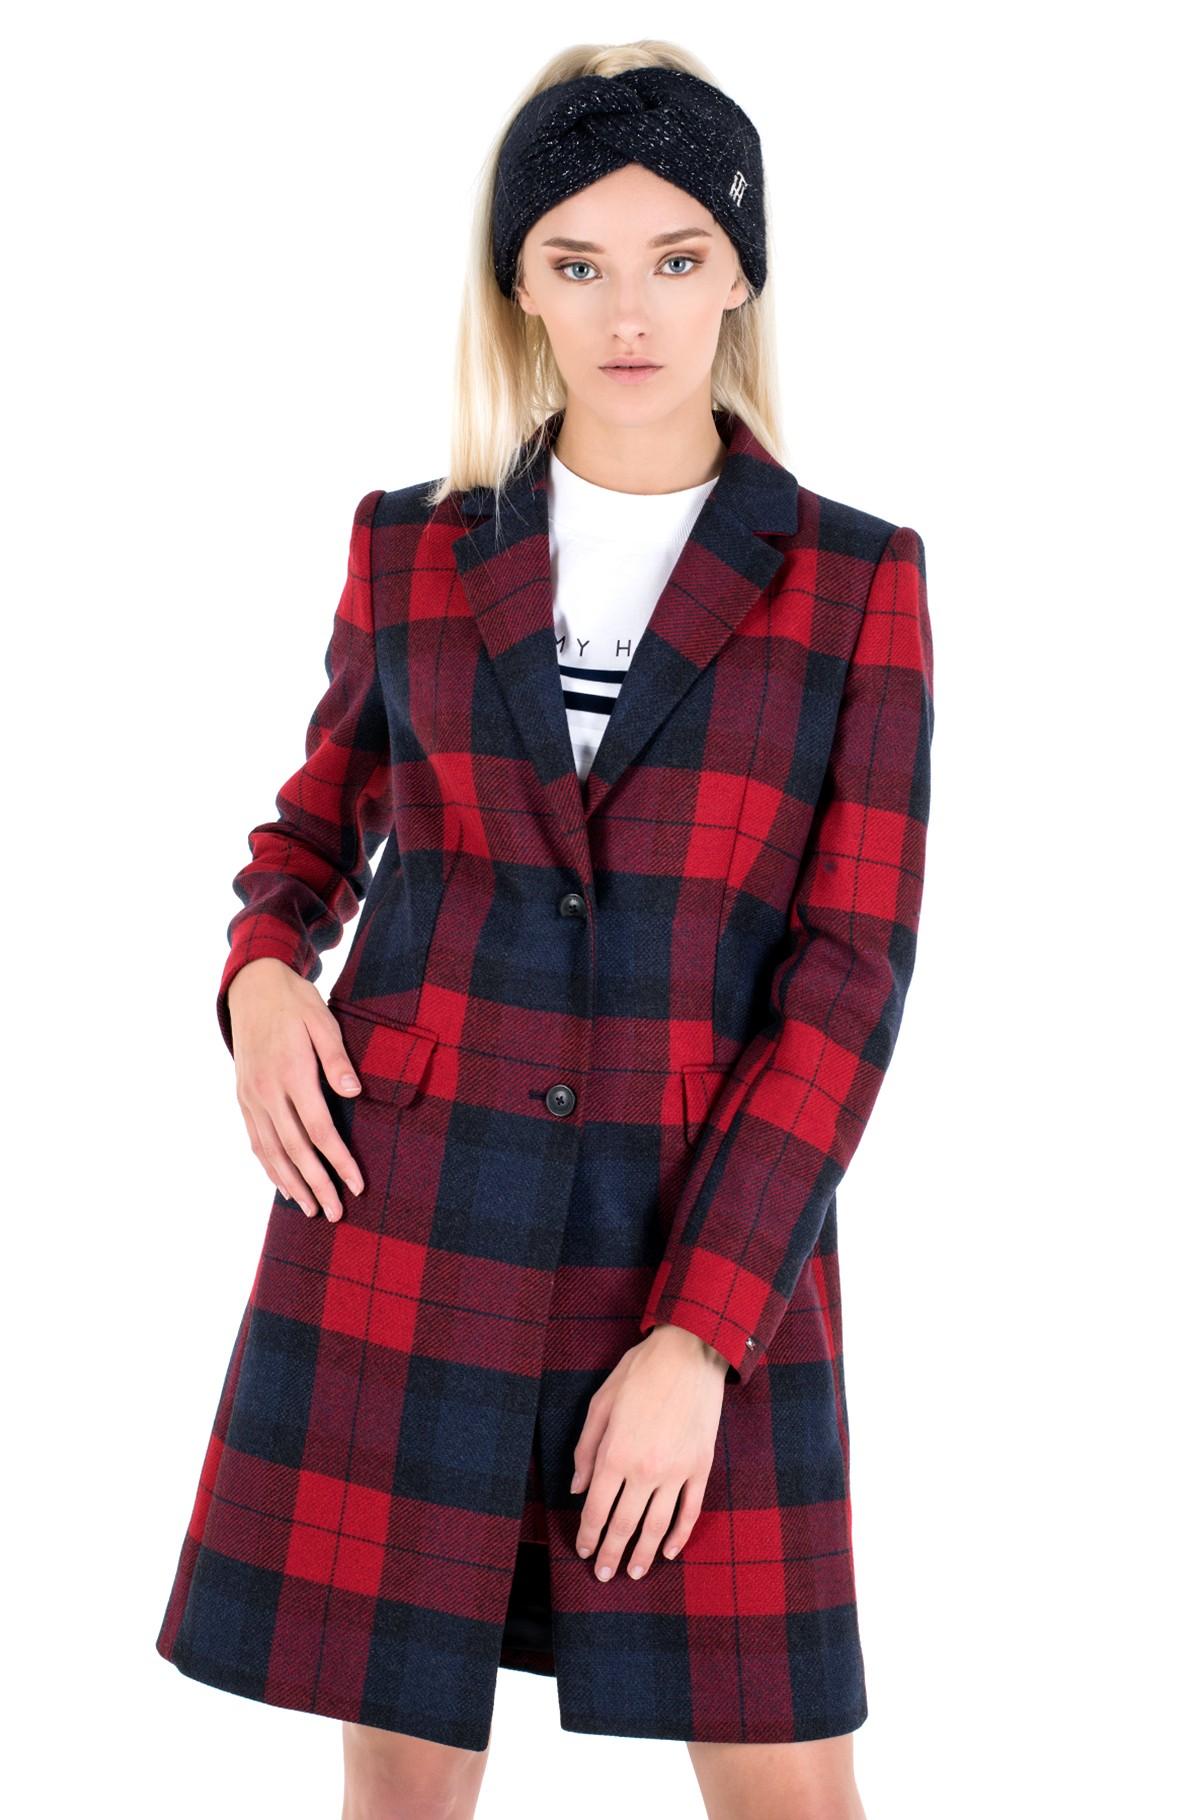 Mantel WOOL BLEND CHECK CLASSIC COAT-full-2